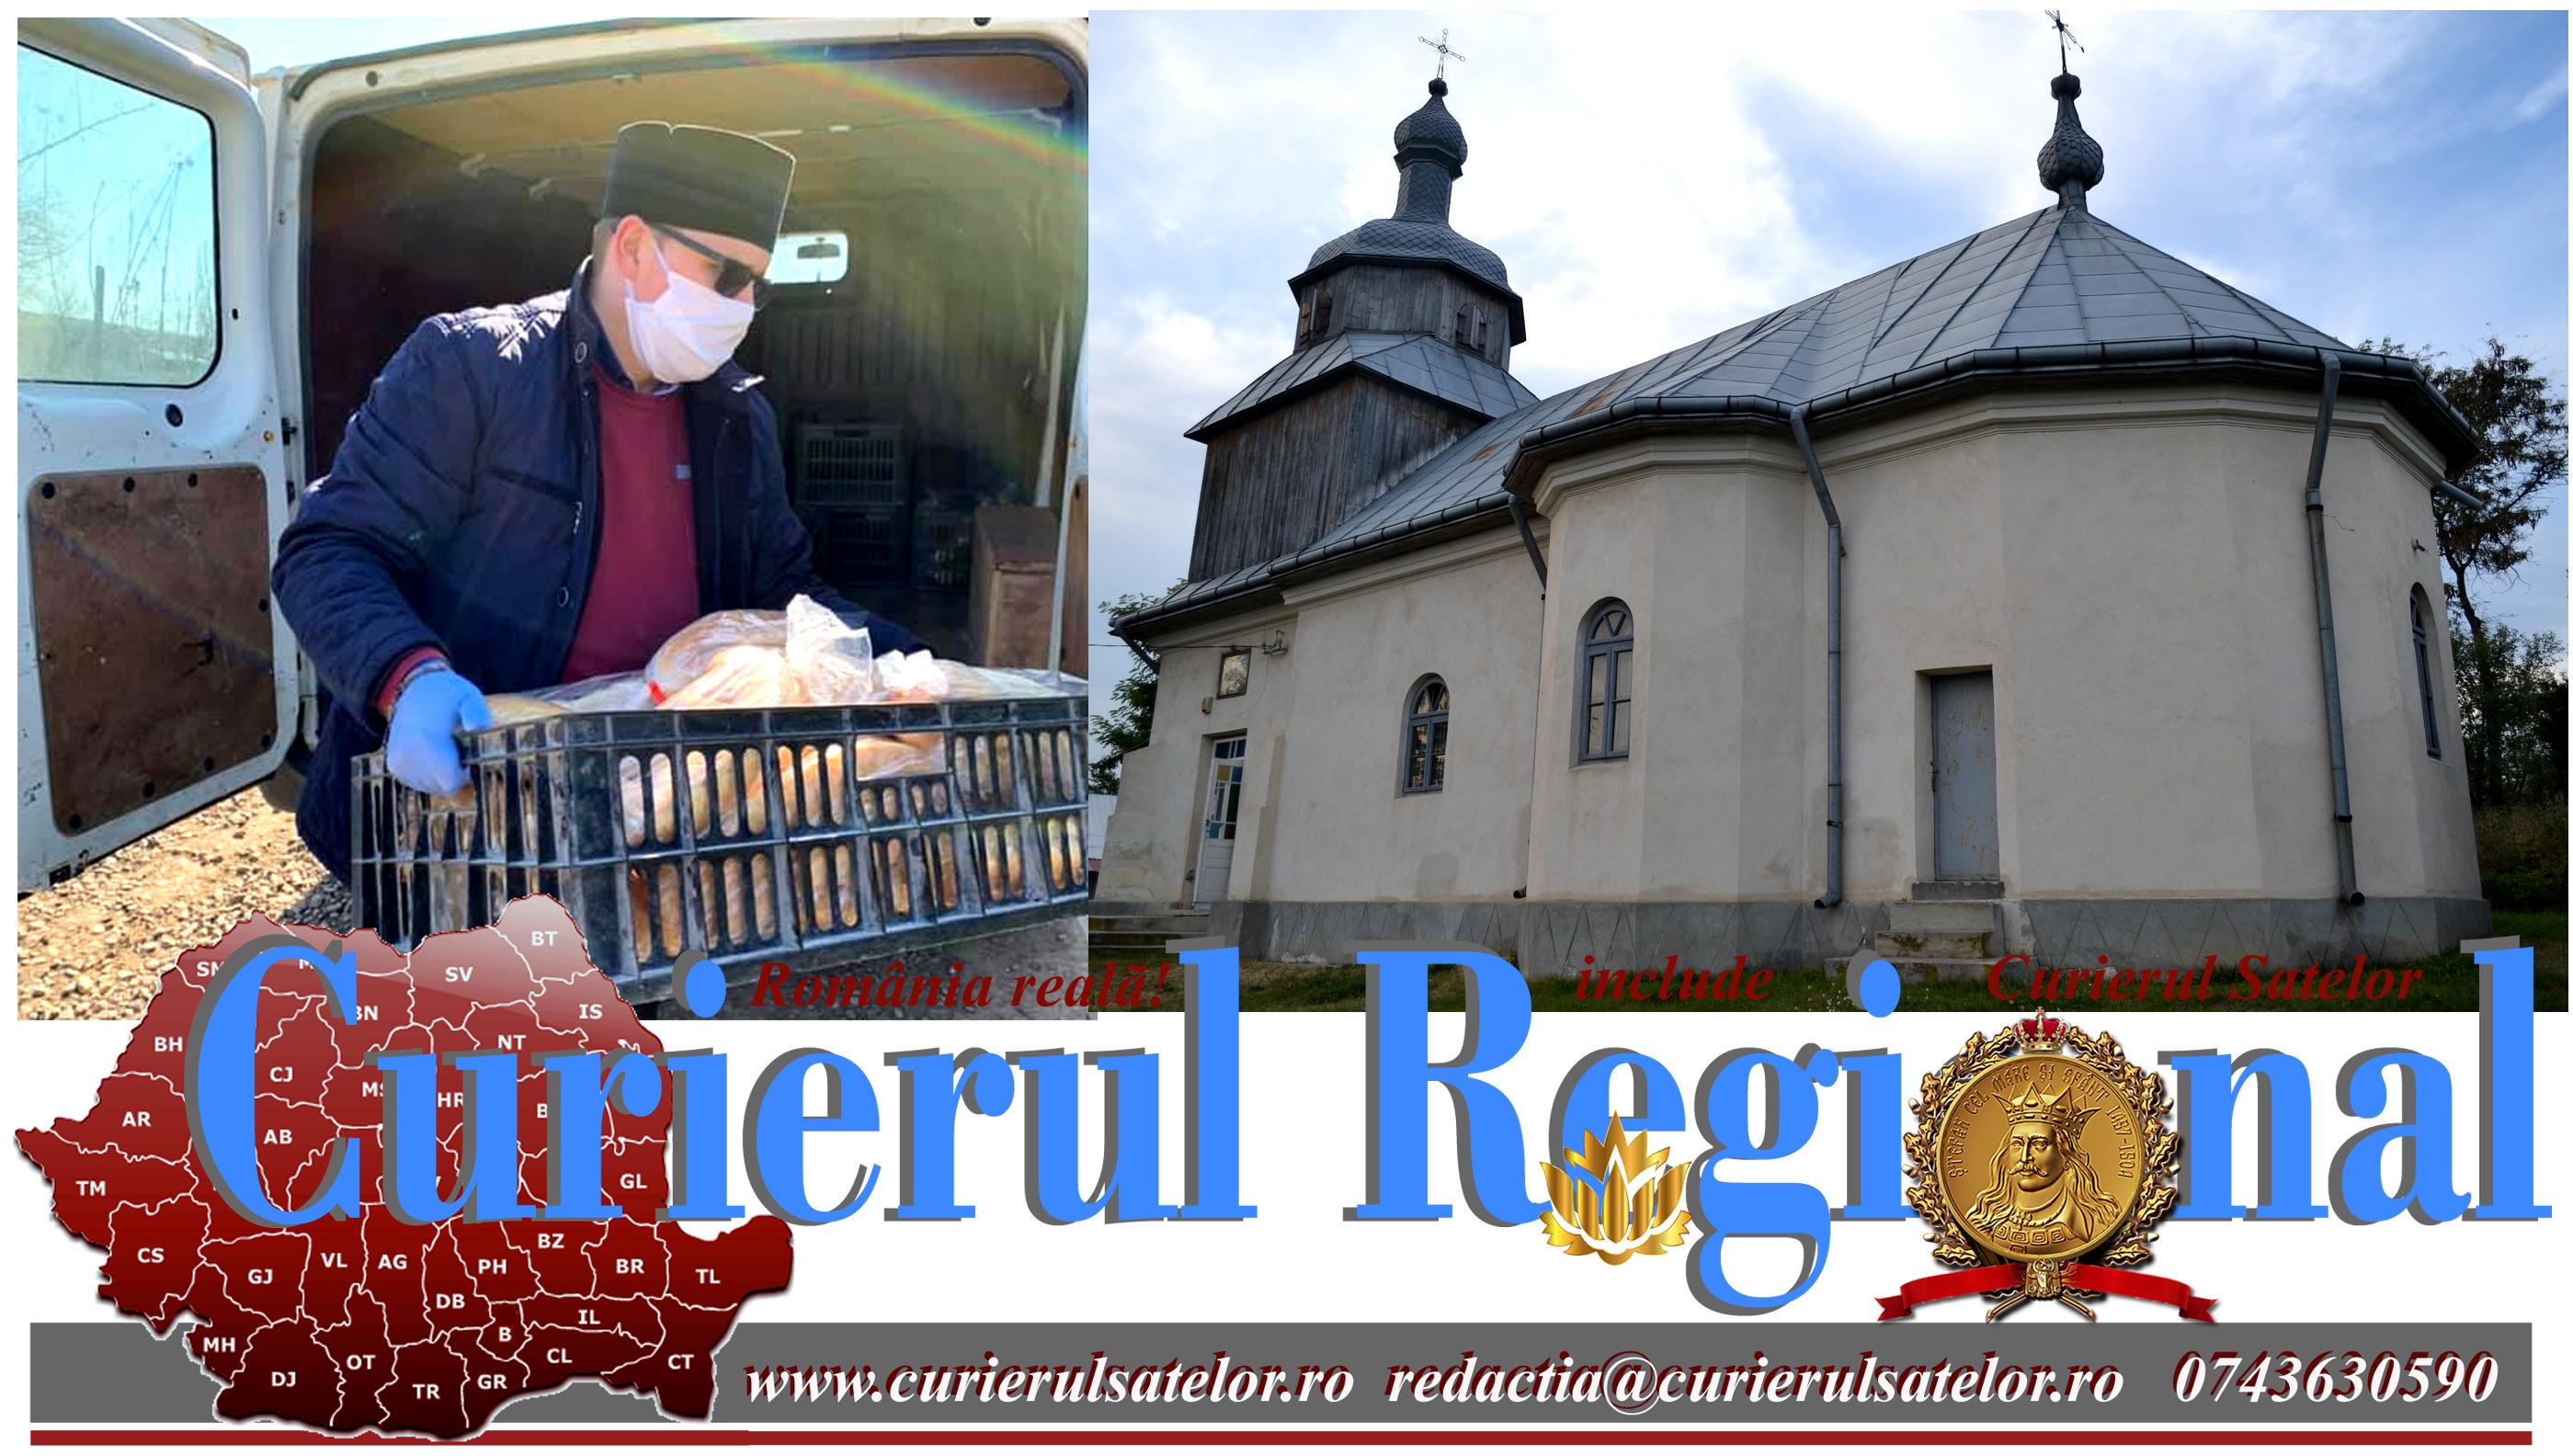 Preotul care împarte mii de pâini nevoiașilor are nevoie de ajutor - totul se întâmplă într-o comună din Botoșani 1